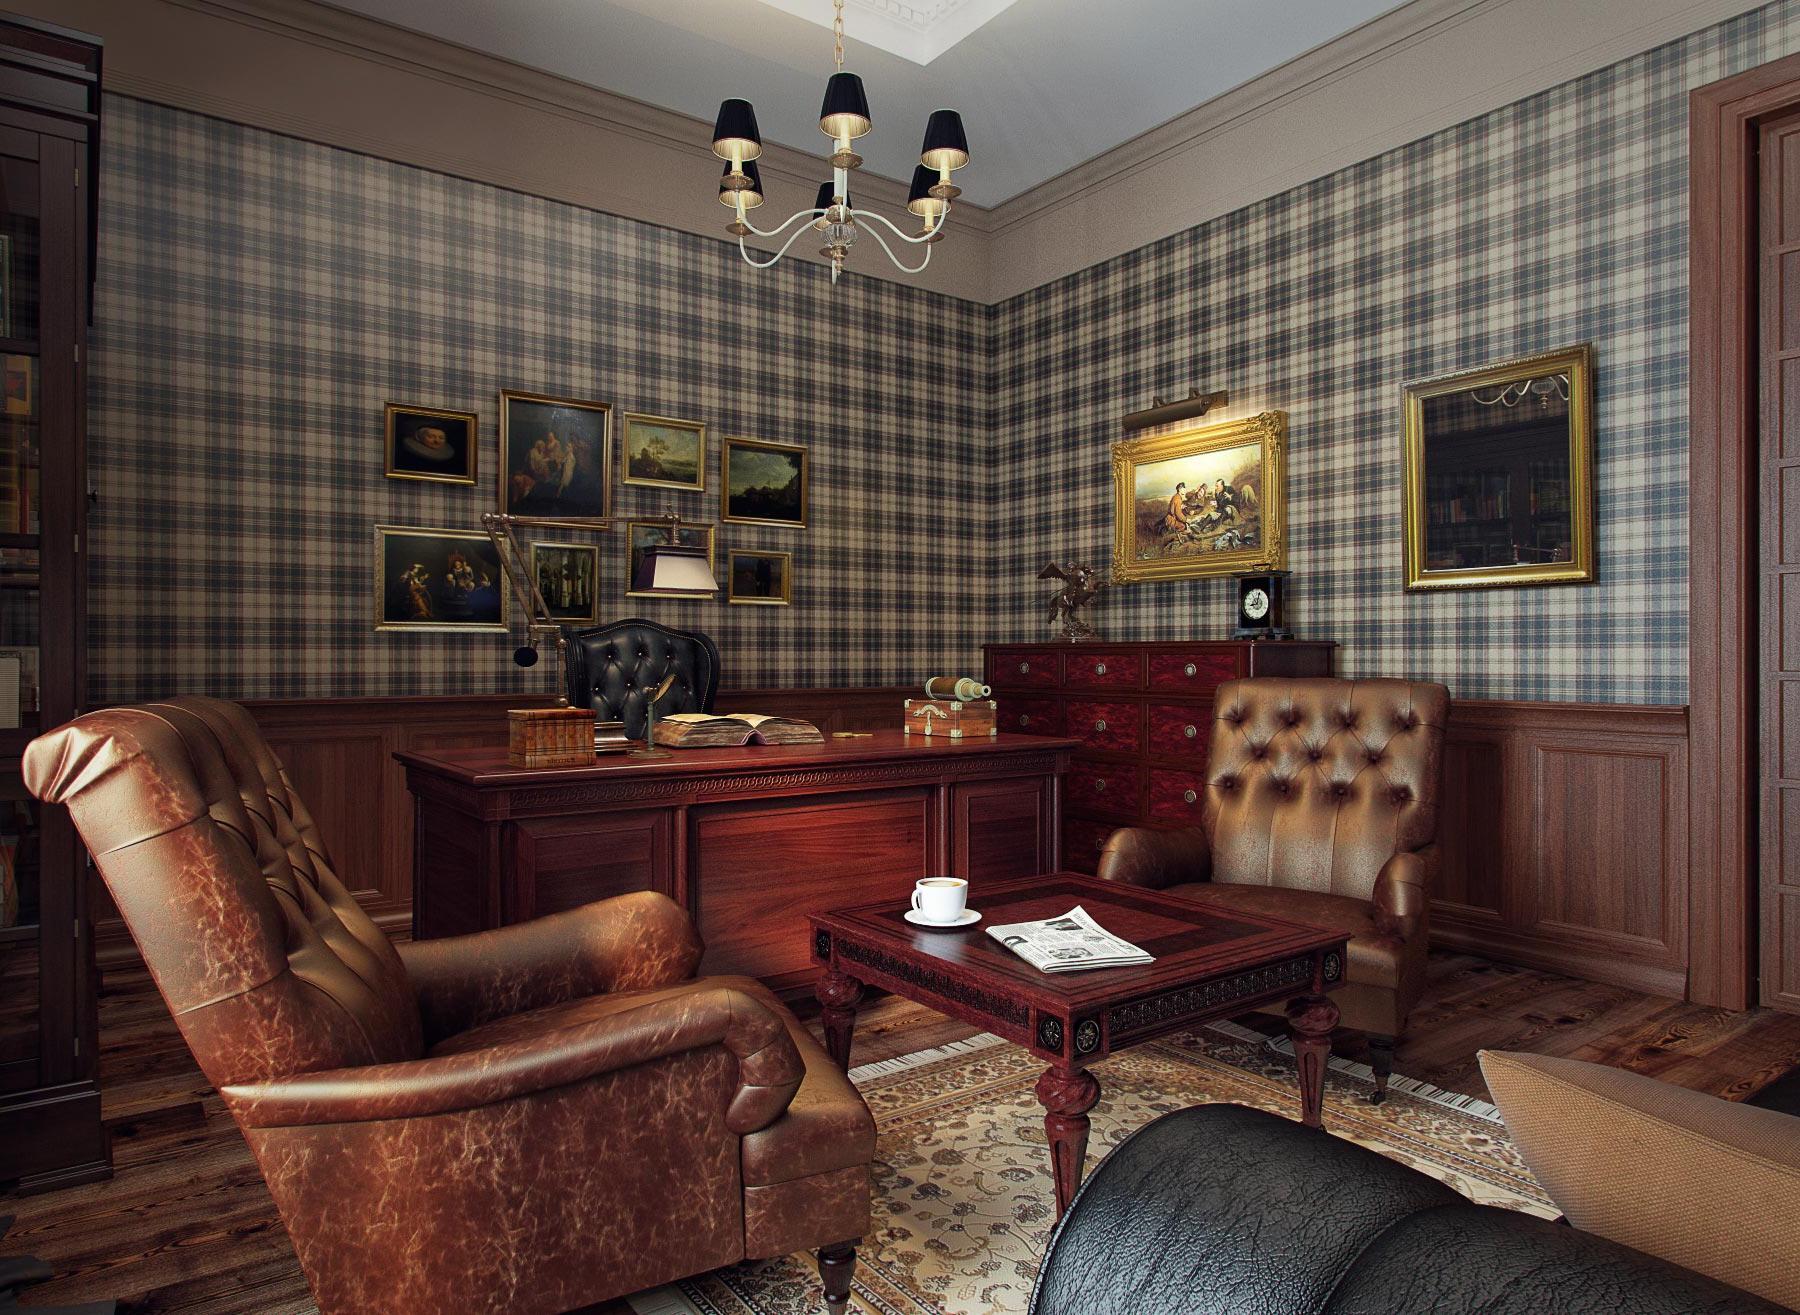 Кабинет в стиле лофт (50 фото): интерьер в «английском» и «классическом», «скандинавском» и современном хай-тек стиле